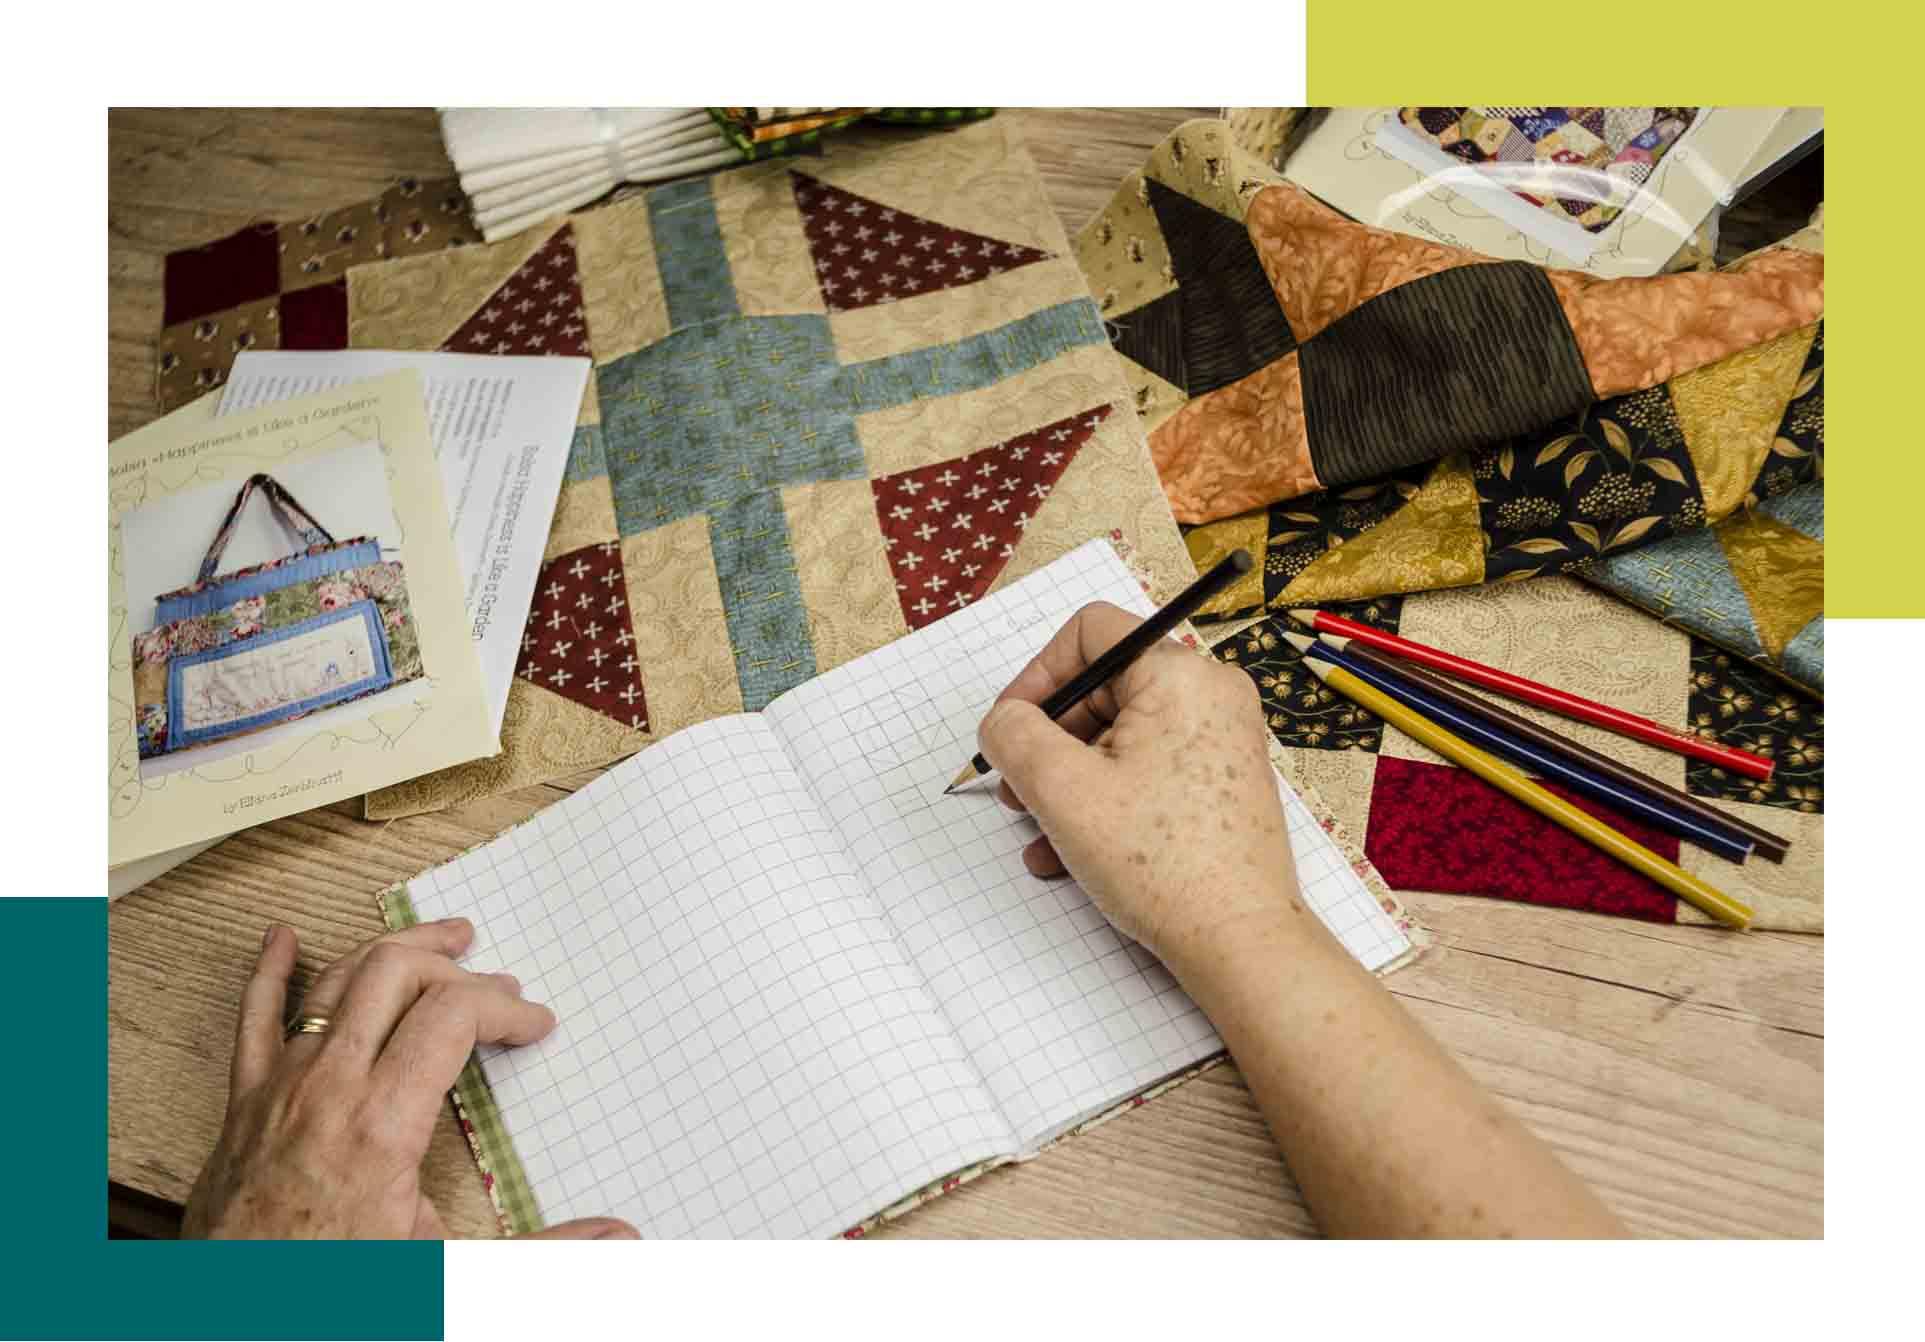 Curso de patchwork e de ideias criativas